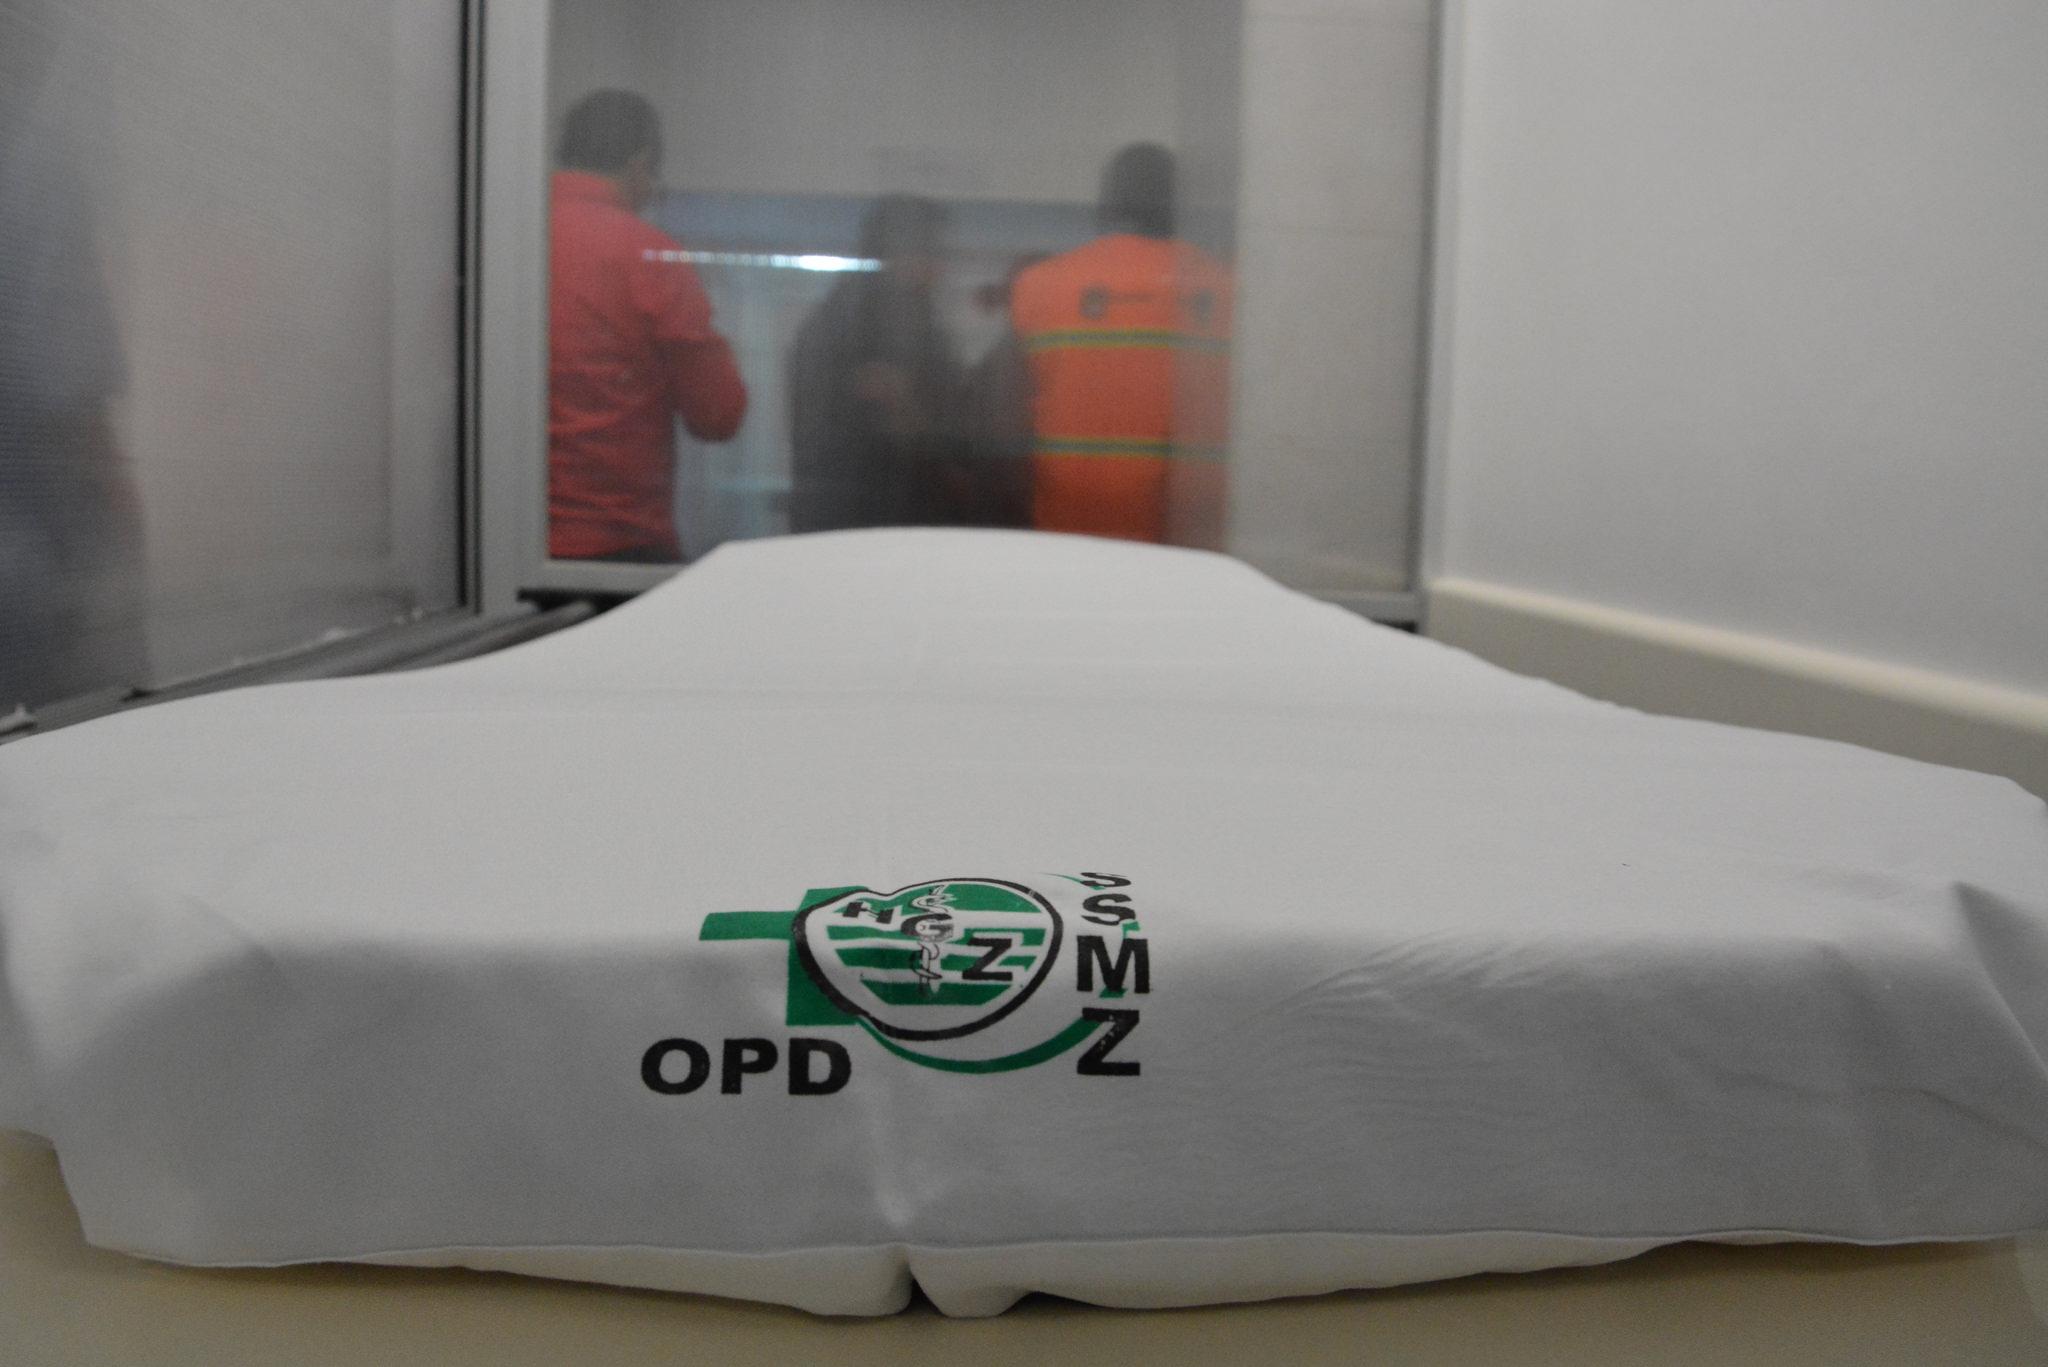 Adquisiciones del OPD Servicios de Salud del Municipio de Zapopan son transparentes y apegadas a la normatividad vigente